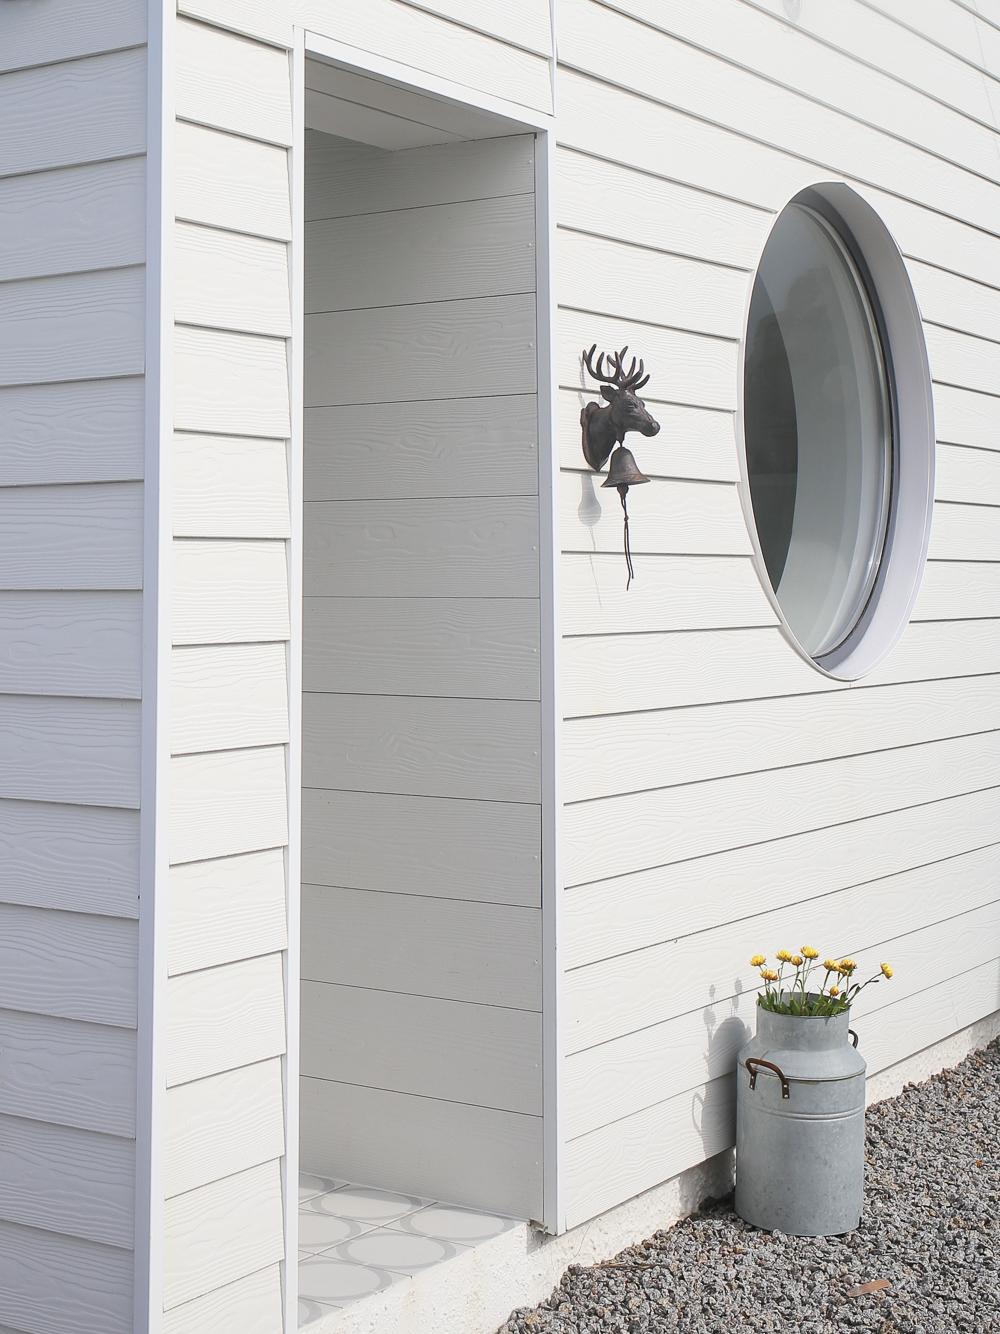 Delphin - Scandi style contemporary holiday home - Unique Homestays | Design Hunter